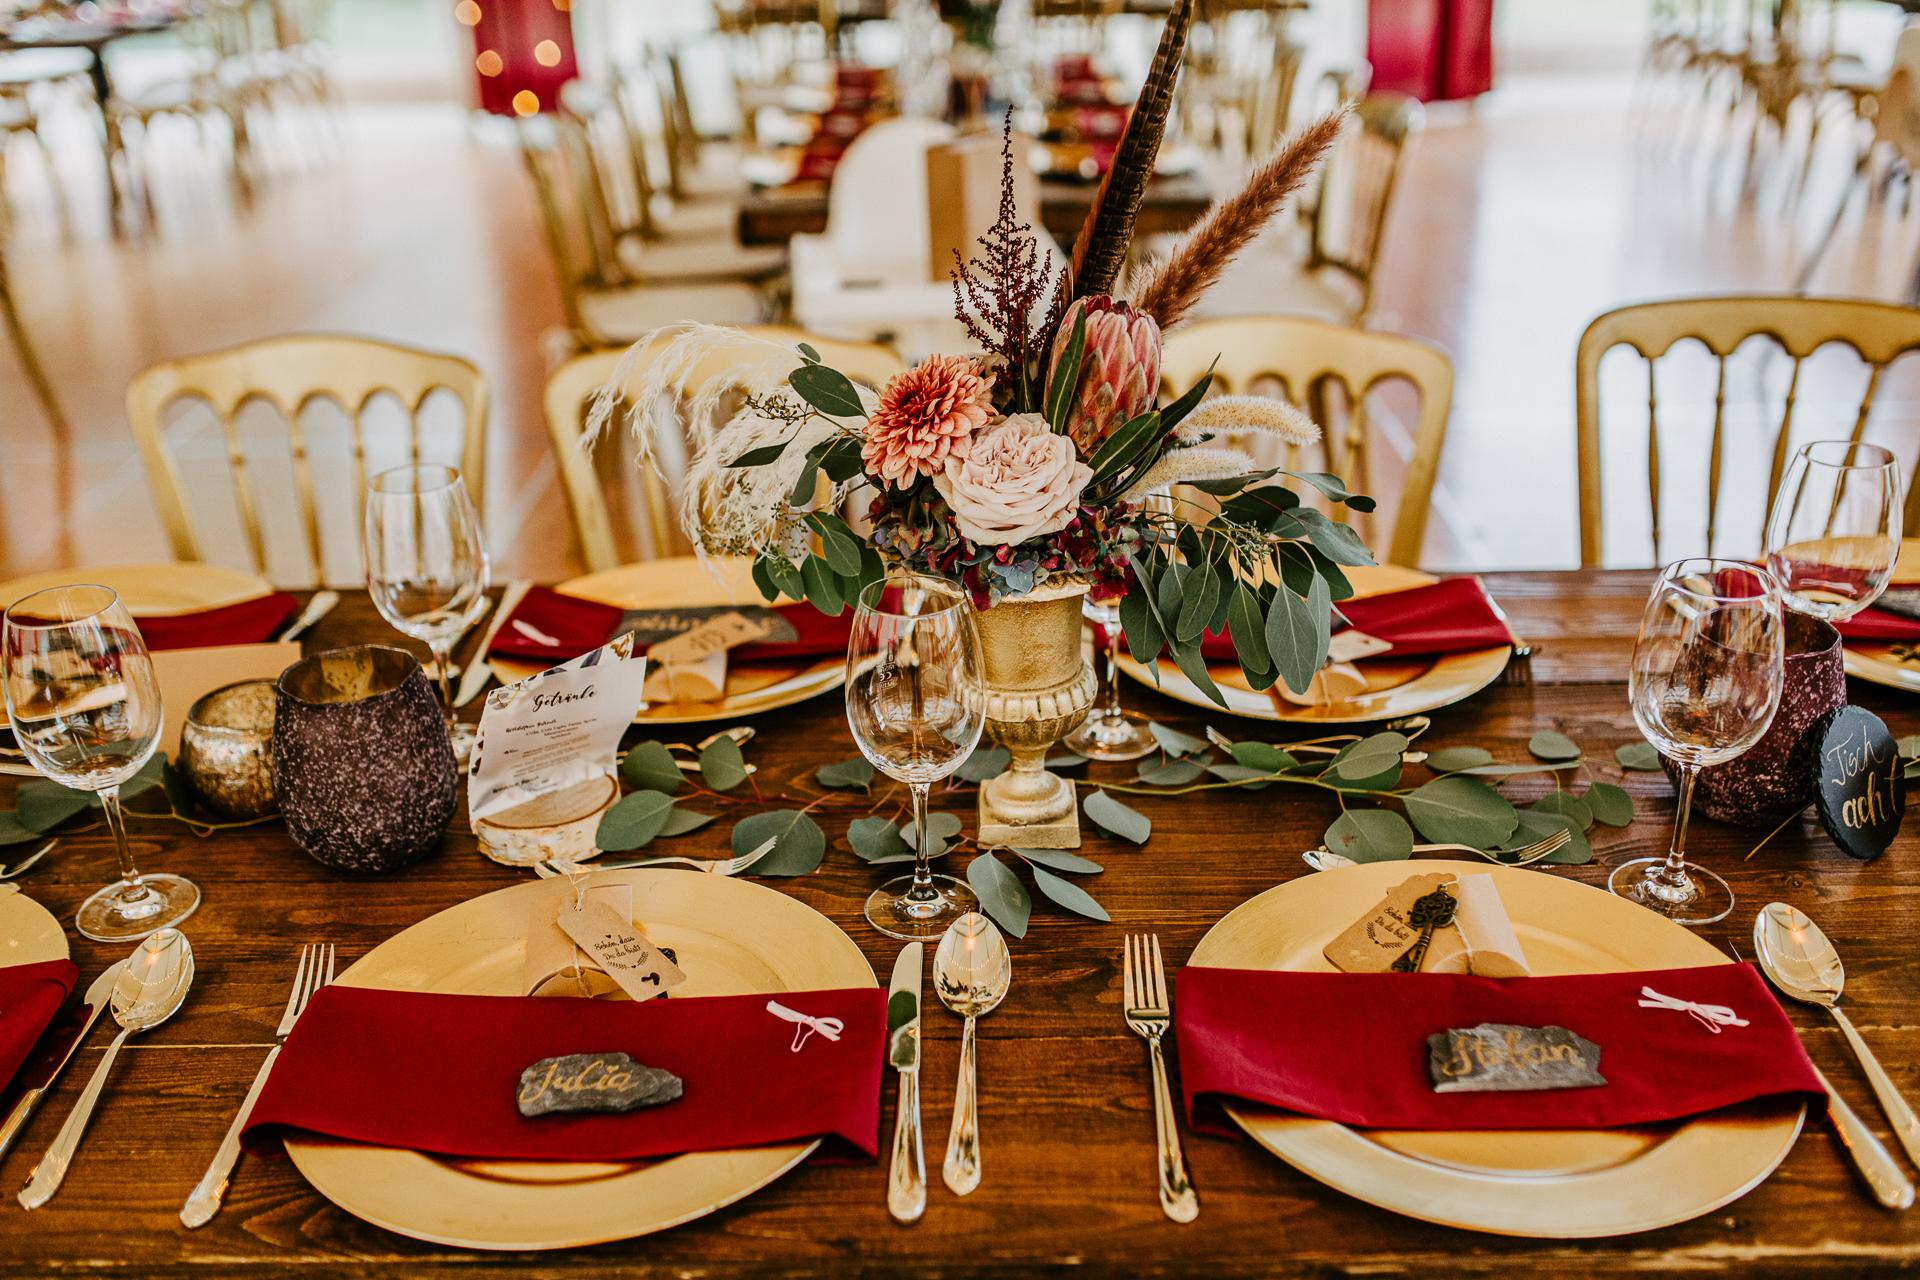 Wunderschöne Hochzeitsdecko in Rot -Gold